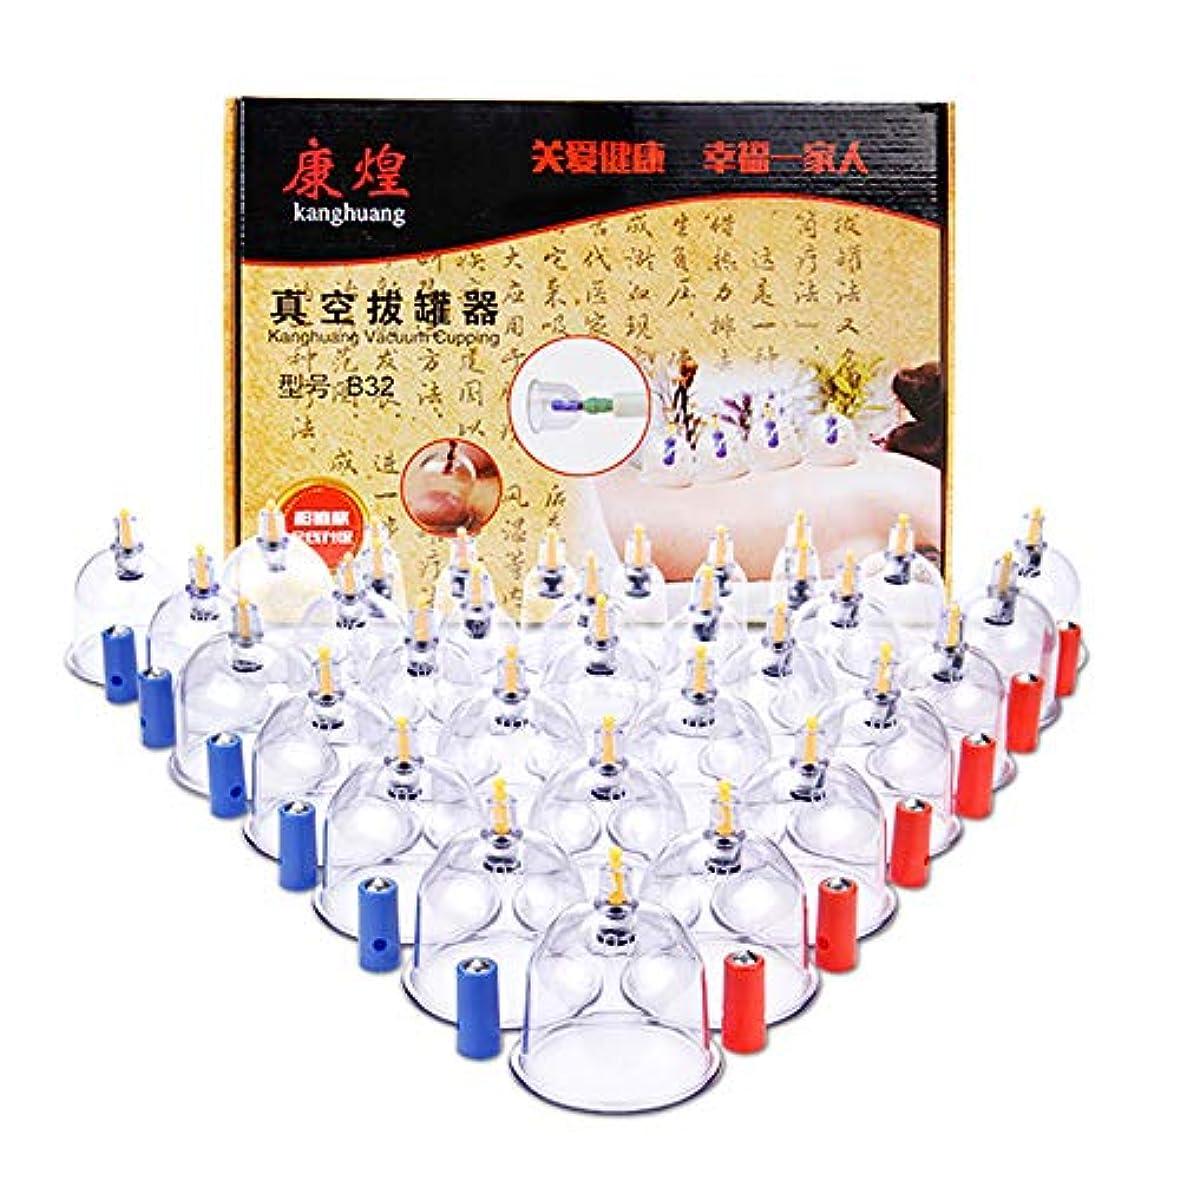 カートンペフ近傍32カップカッピング装置真空カッピングサクションカップマッサージマッサージジャー缶顔マッサージ